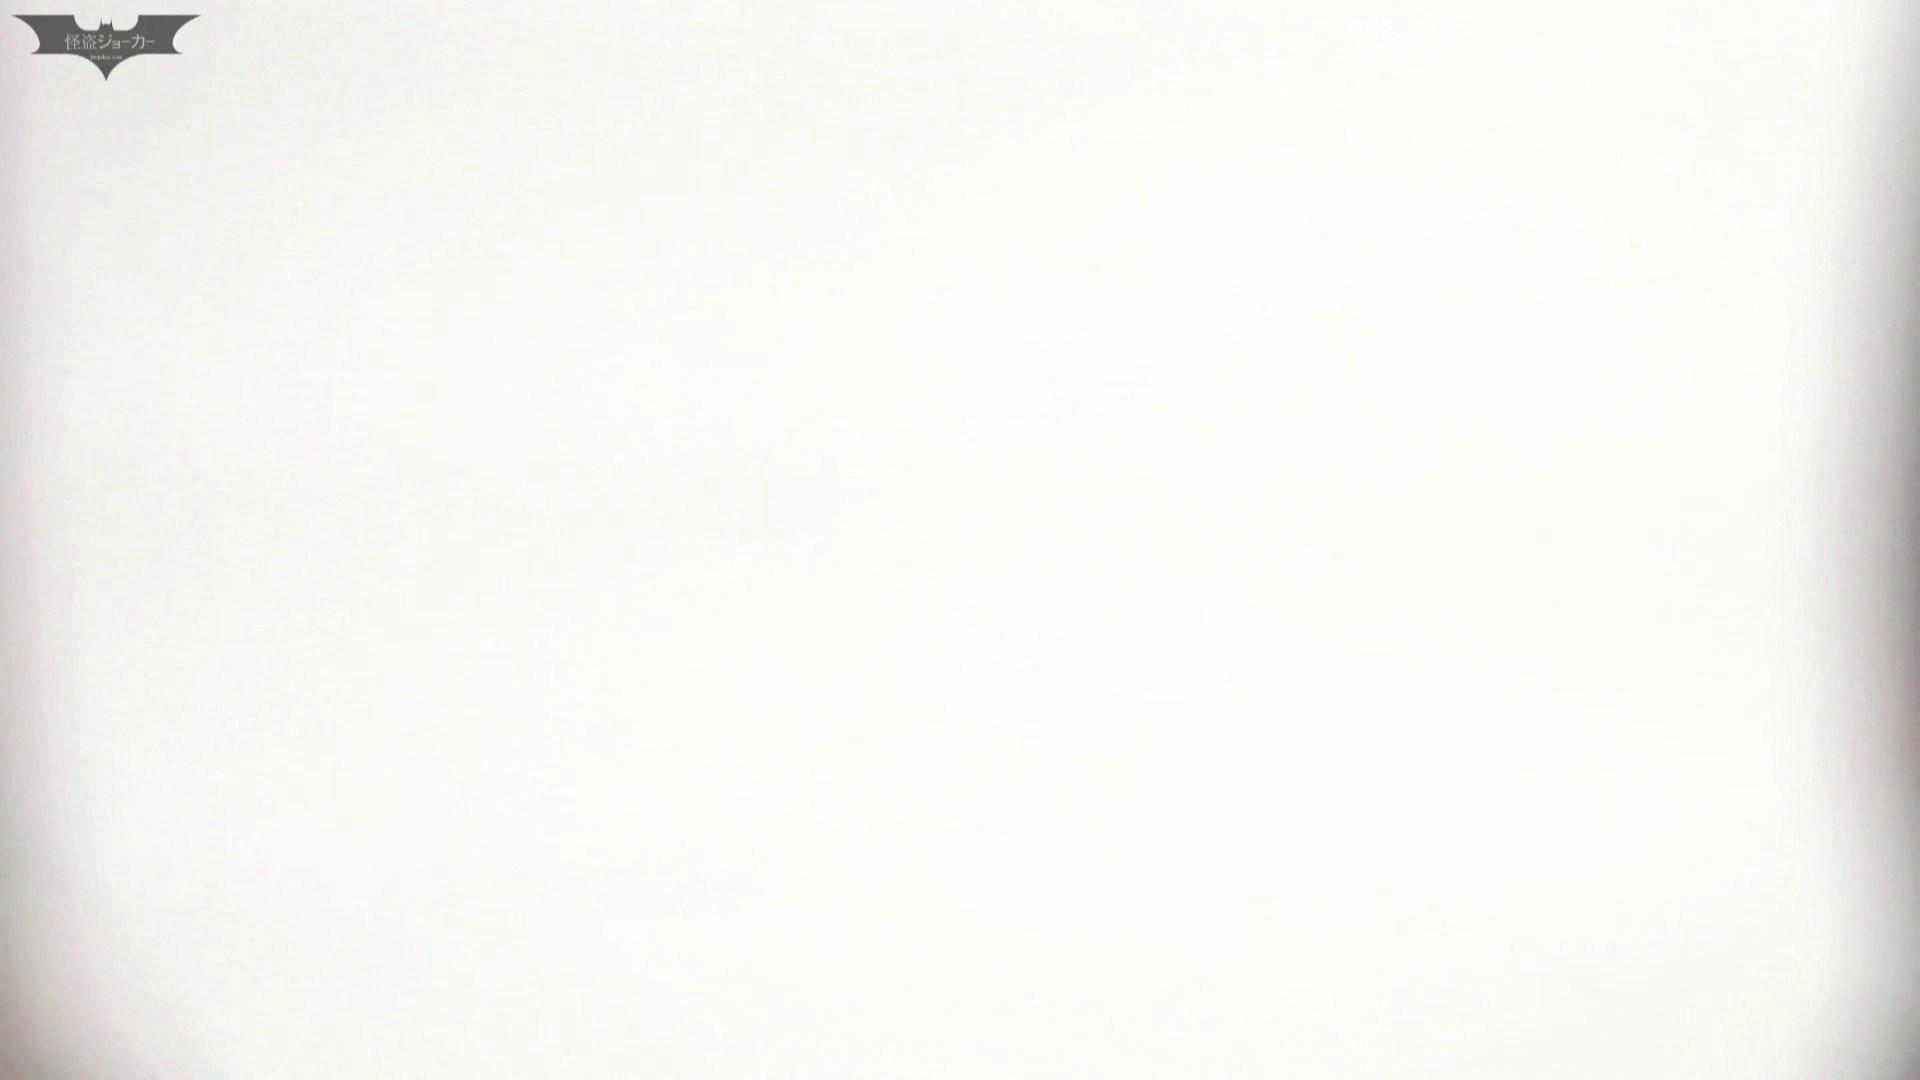 【潜入トイレ盗撮】洗面所特攻隊 vol.70 極上品の連続、歌いながら美女入室 トイレ  85pic 21